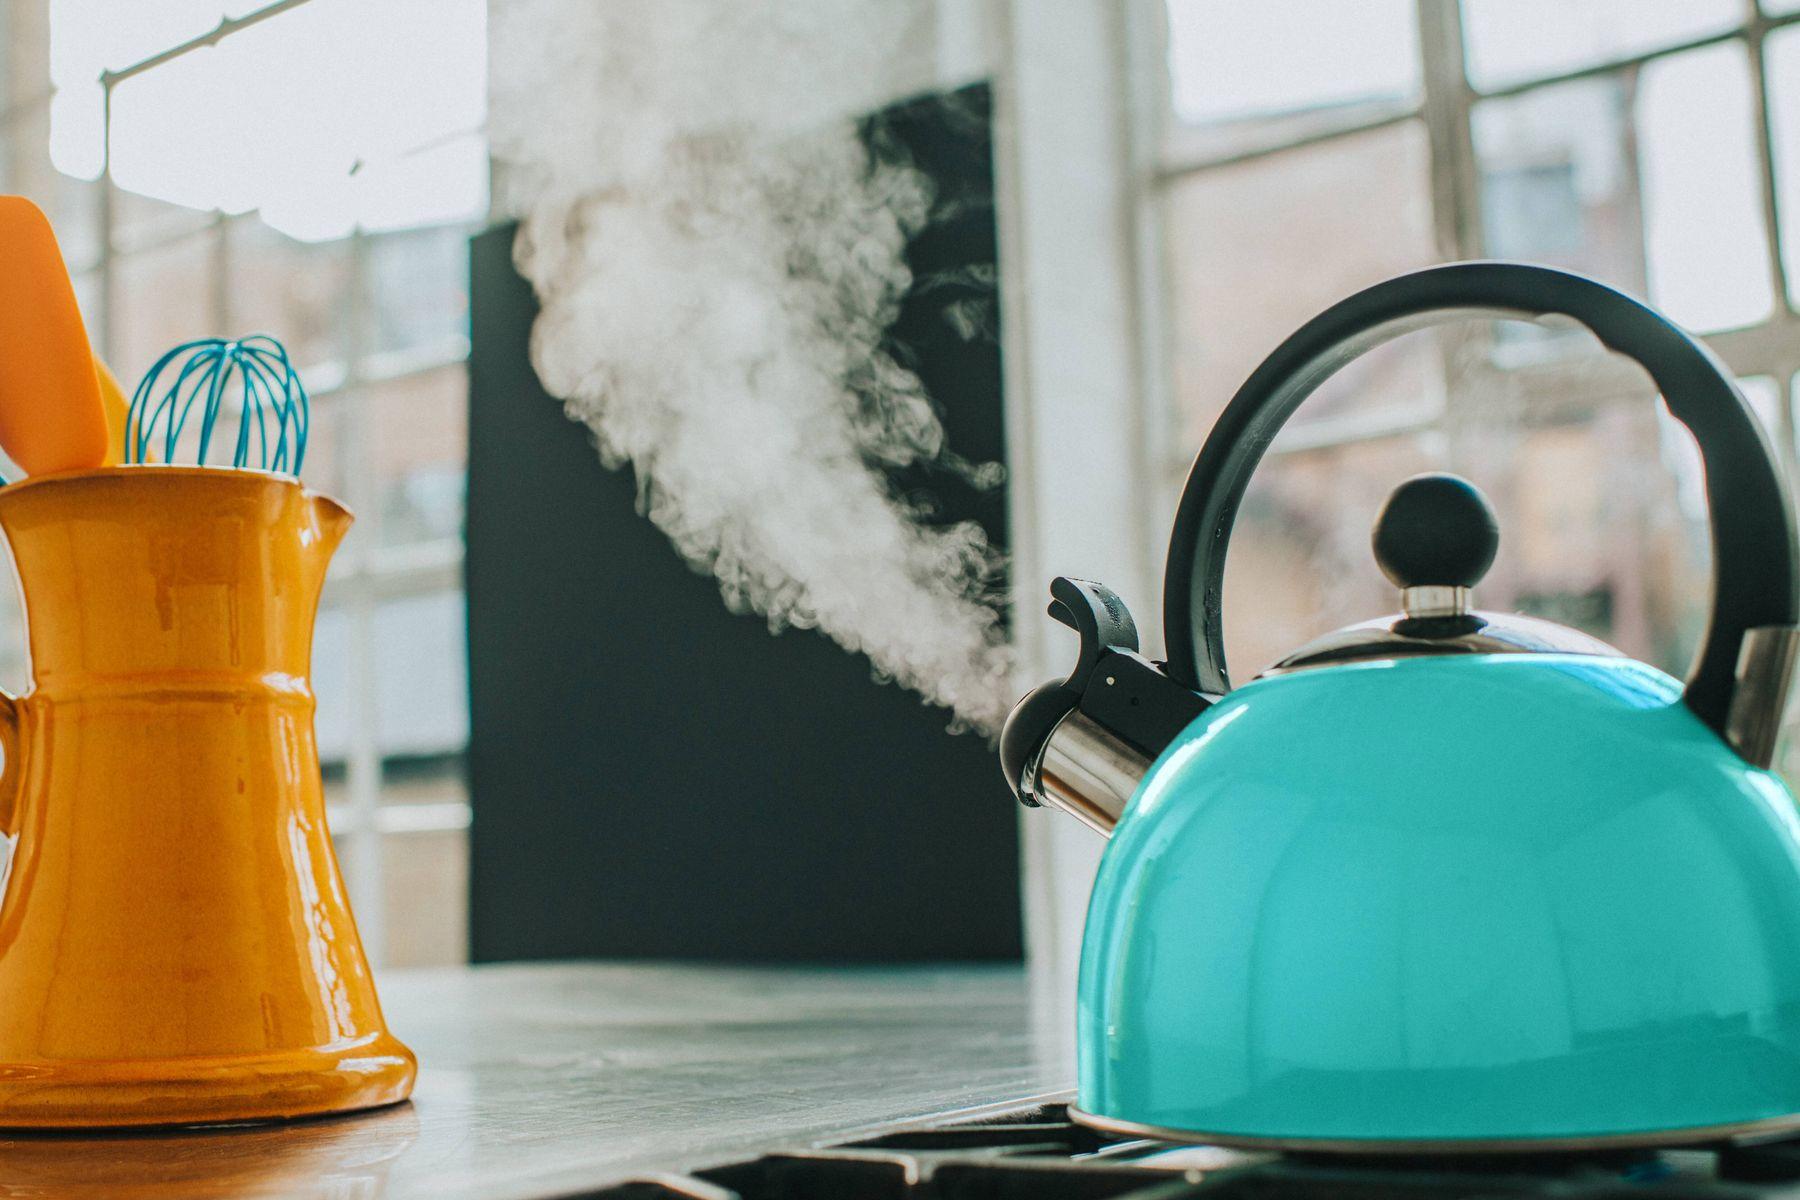 czajnik na kuchence